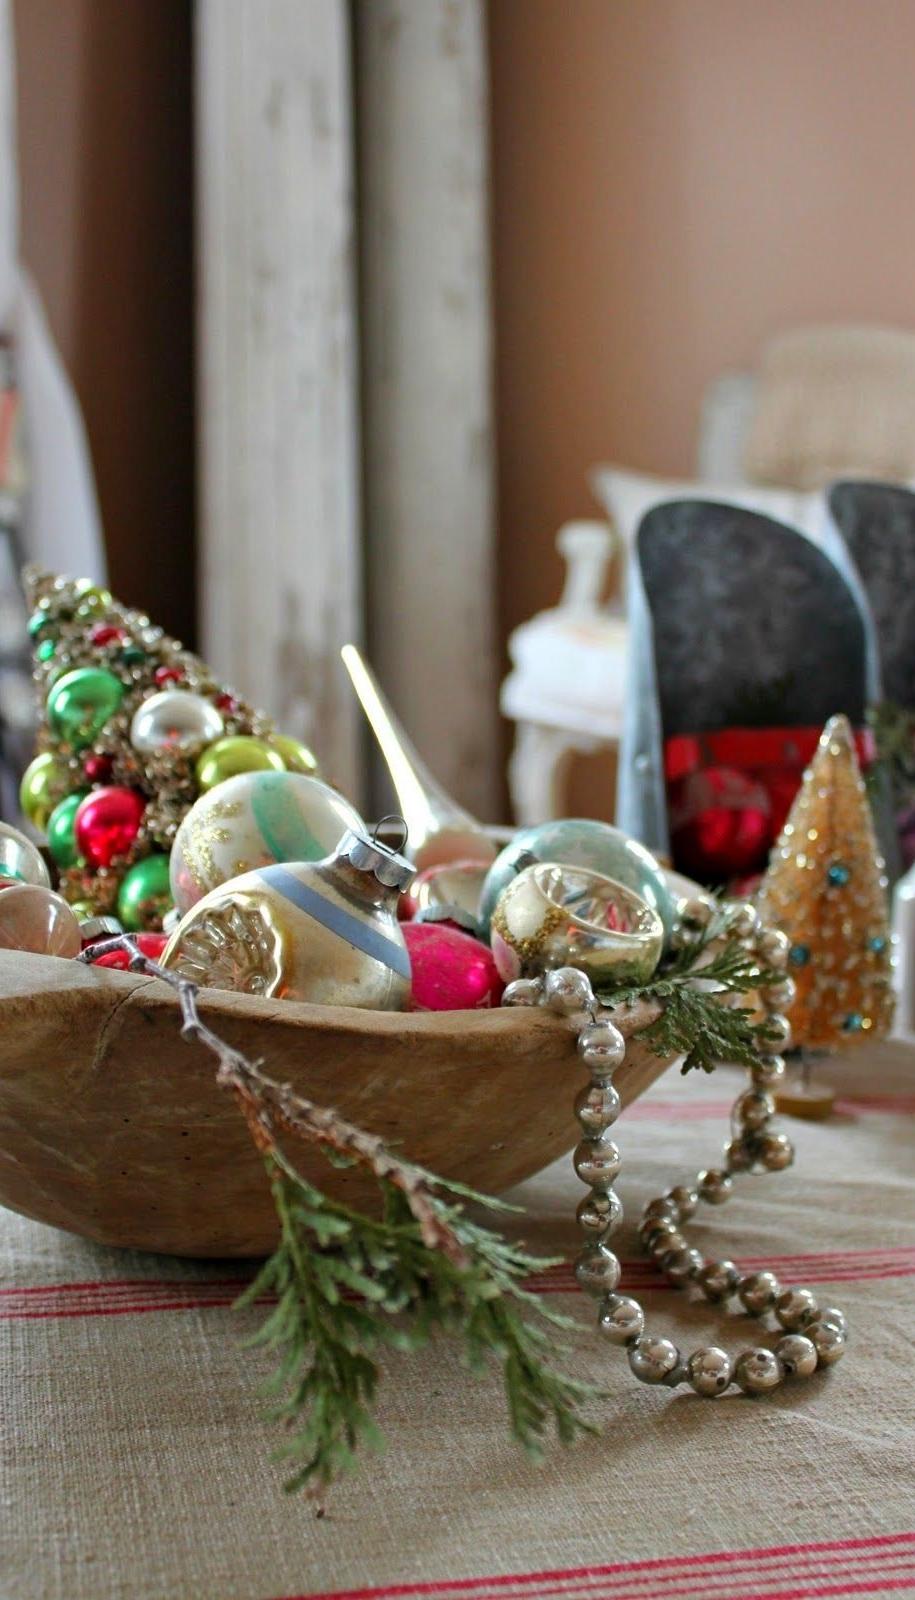 Дерев'яна чаша з ялинковими іграшками